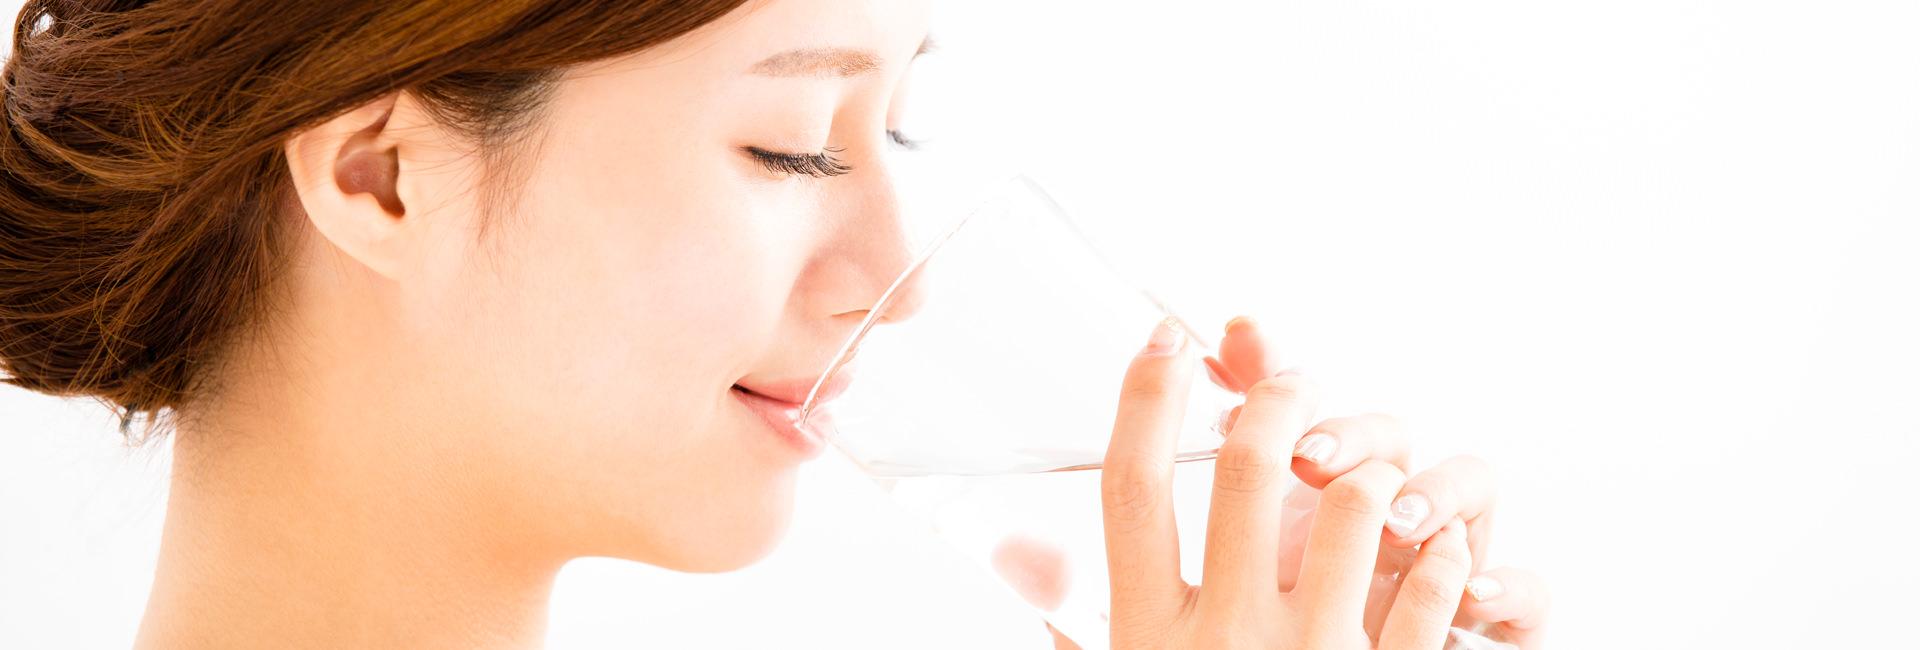 Wie viel Wasser trinken?